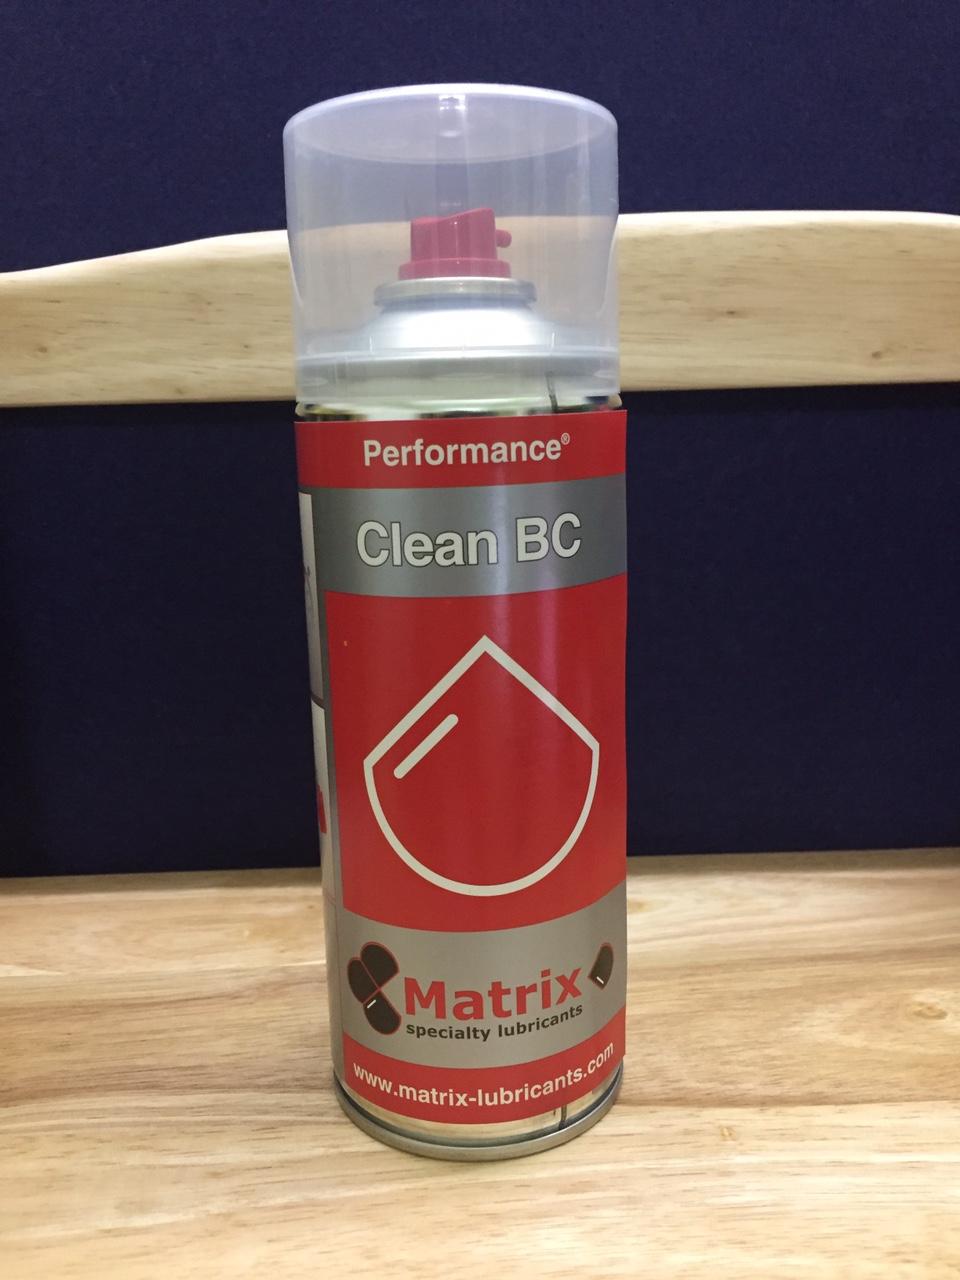 Bình xịt làm sạch Performance Clean BC